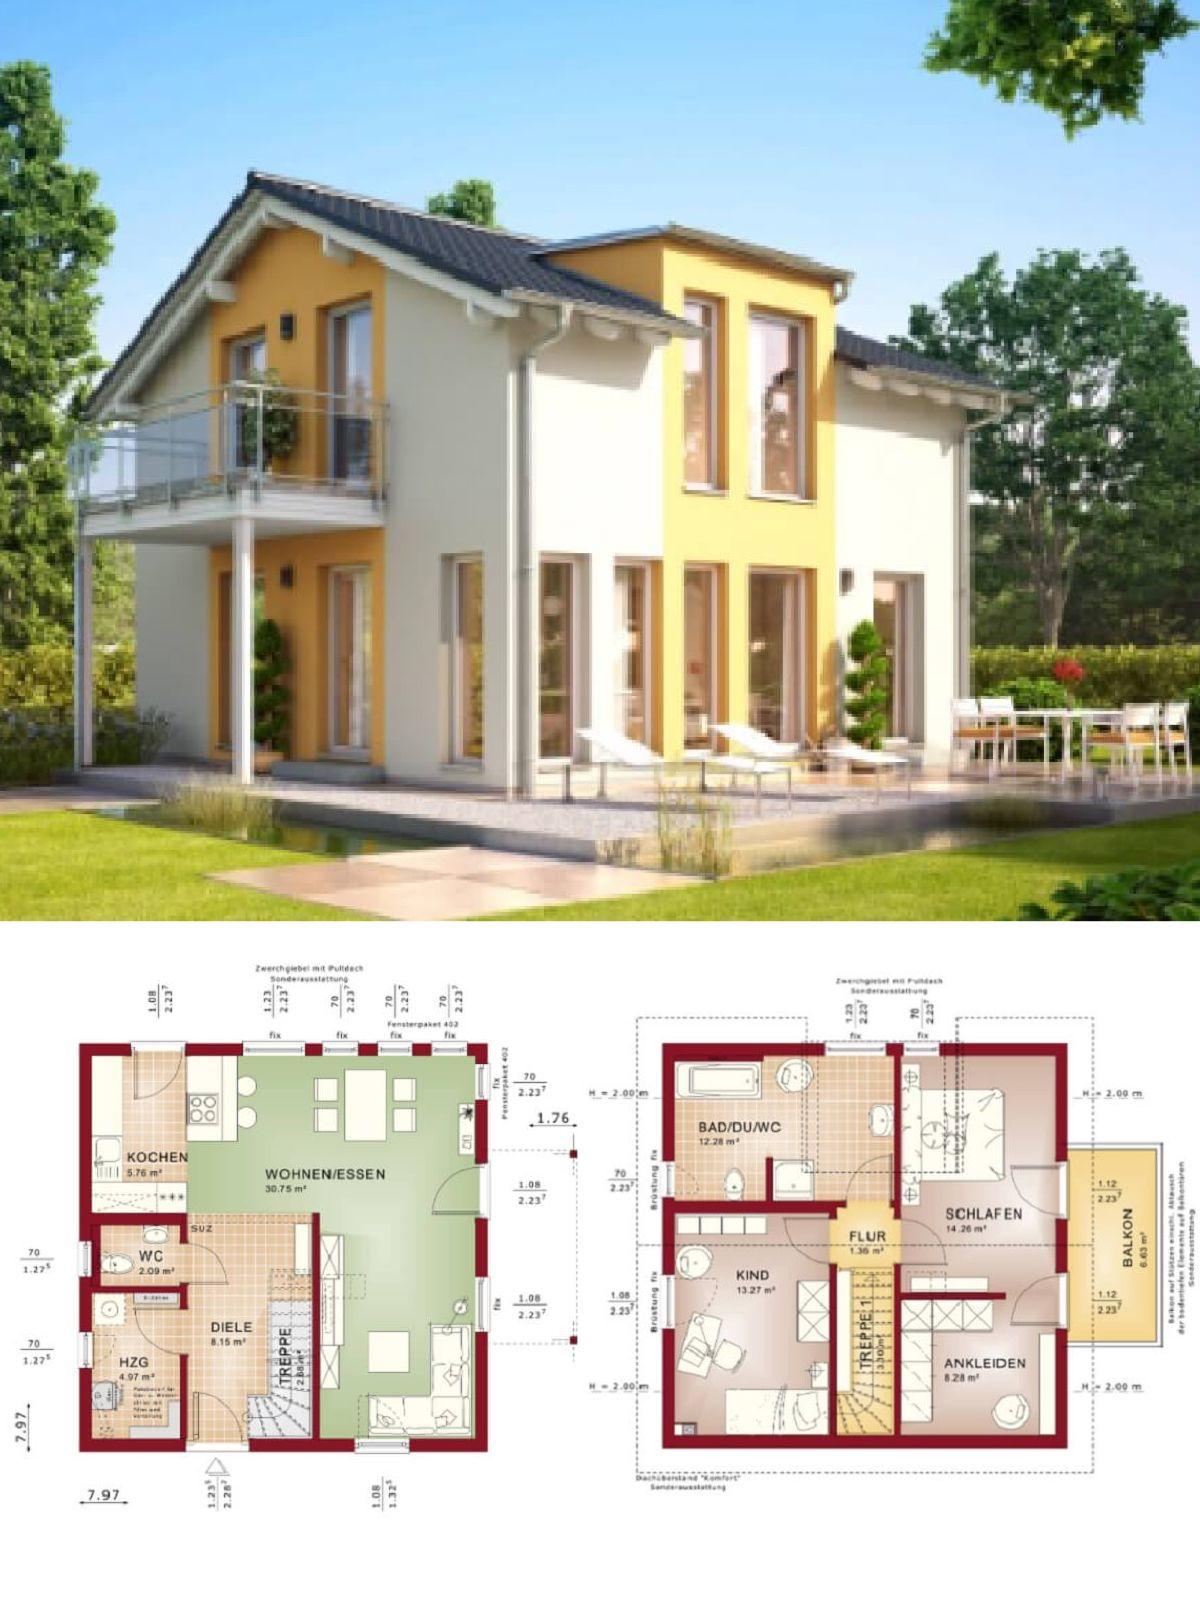 Einfamilienhaus Modern Mit Satteldach Fassade Putz Weiss Gelb